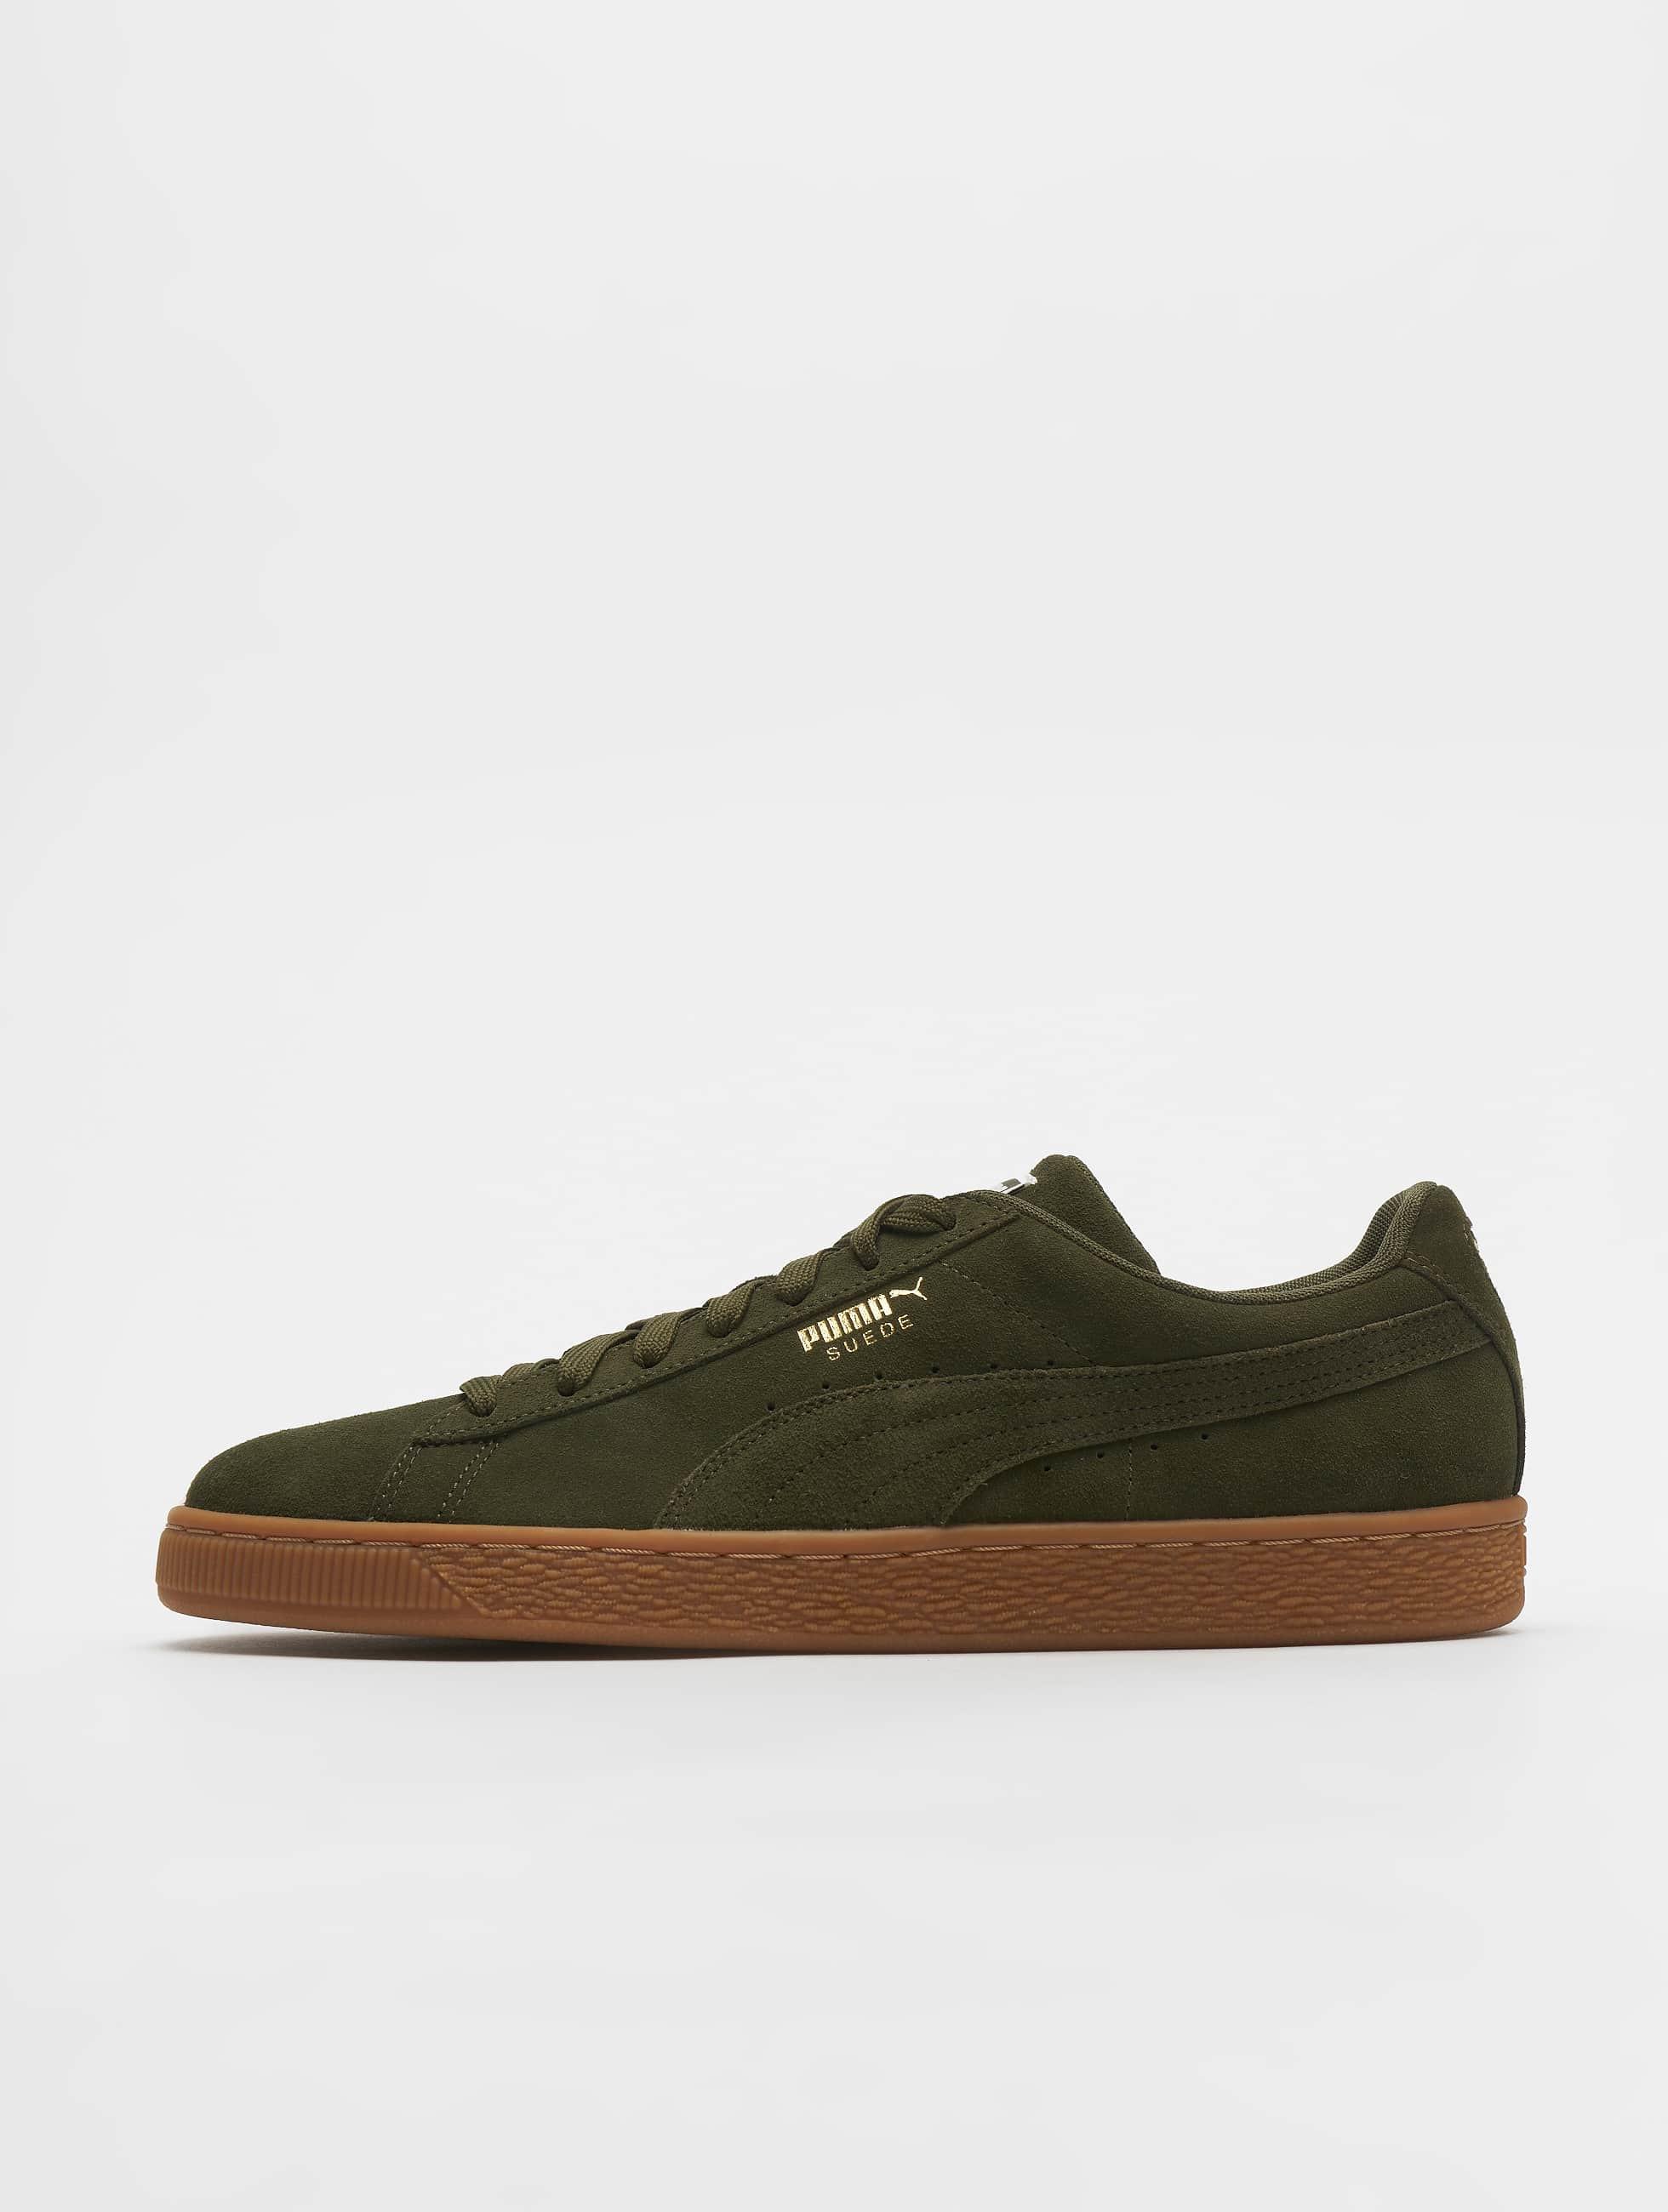 0bcf2c7d40a Puma schoen / sneaker Suede Classic in olijfgroen 542605